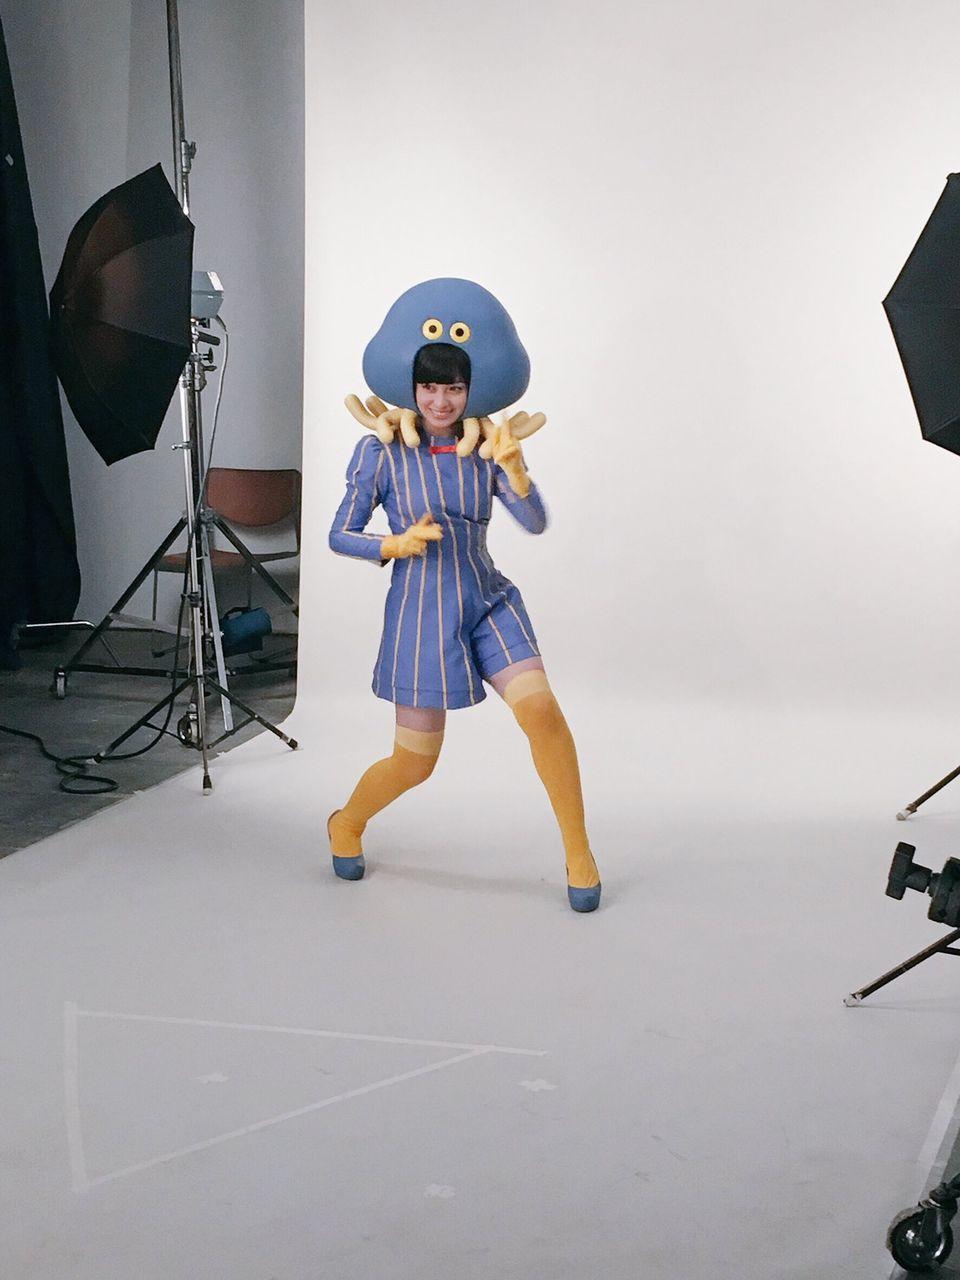 【エンタメ画像】橋本環奈さん、服を着ていても巨乳が隠しきれない